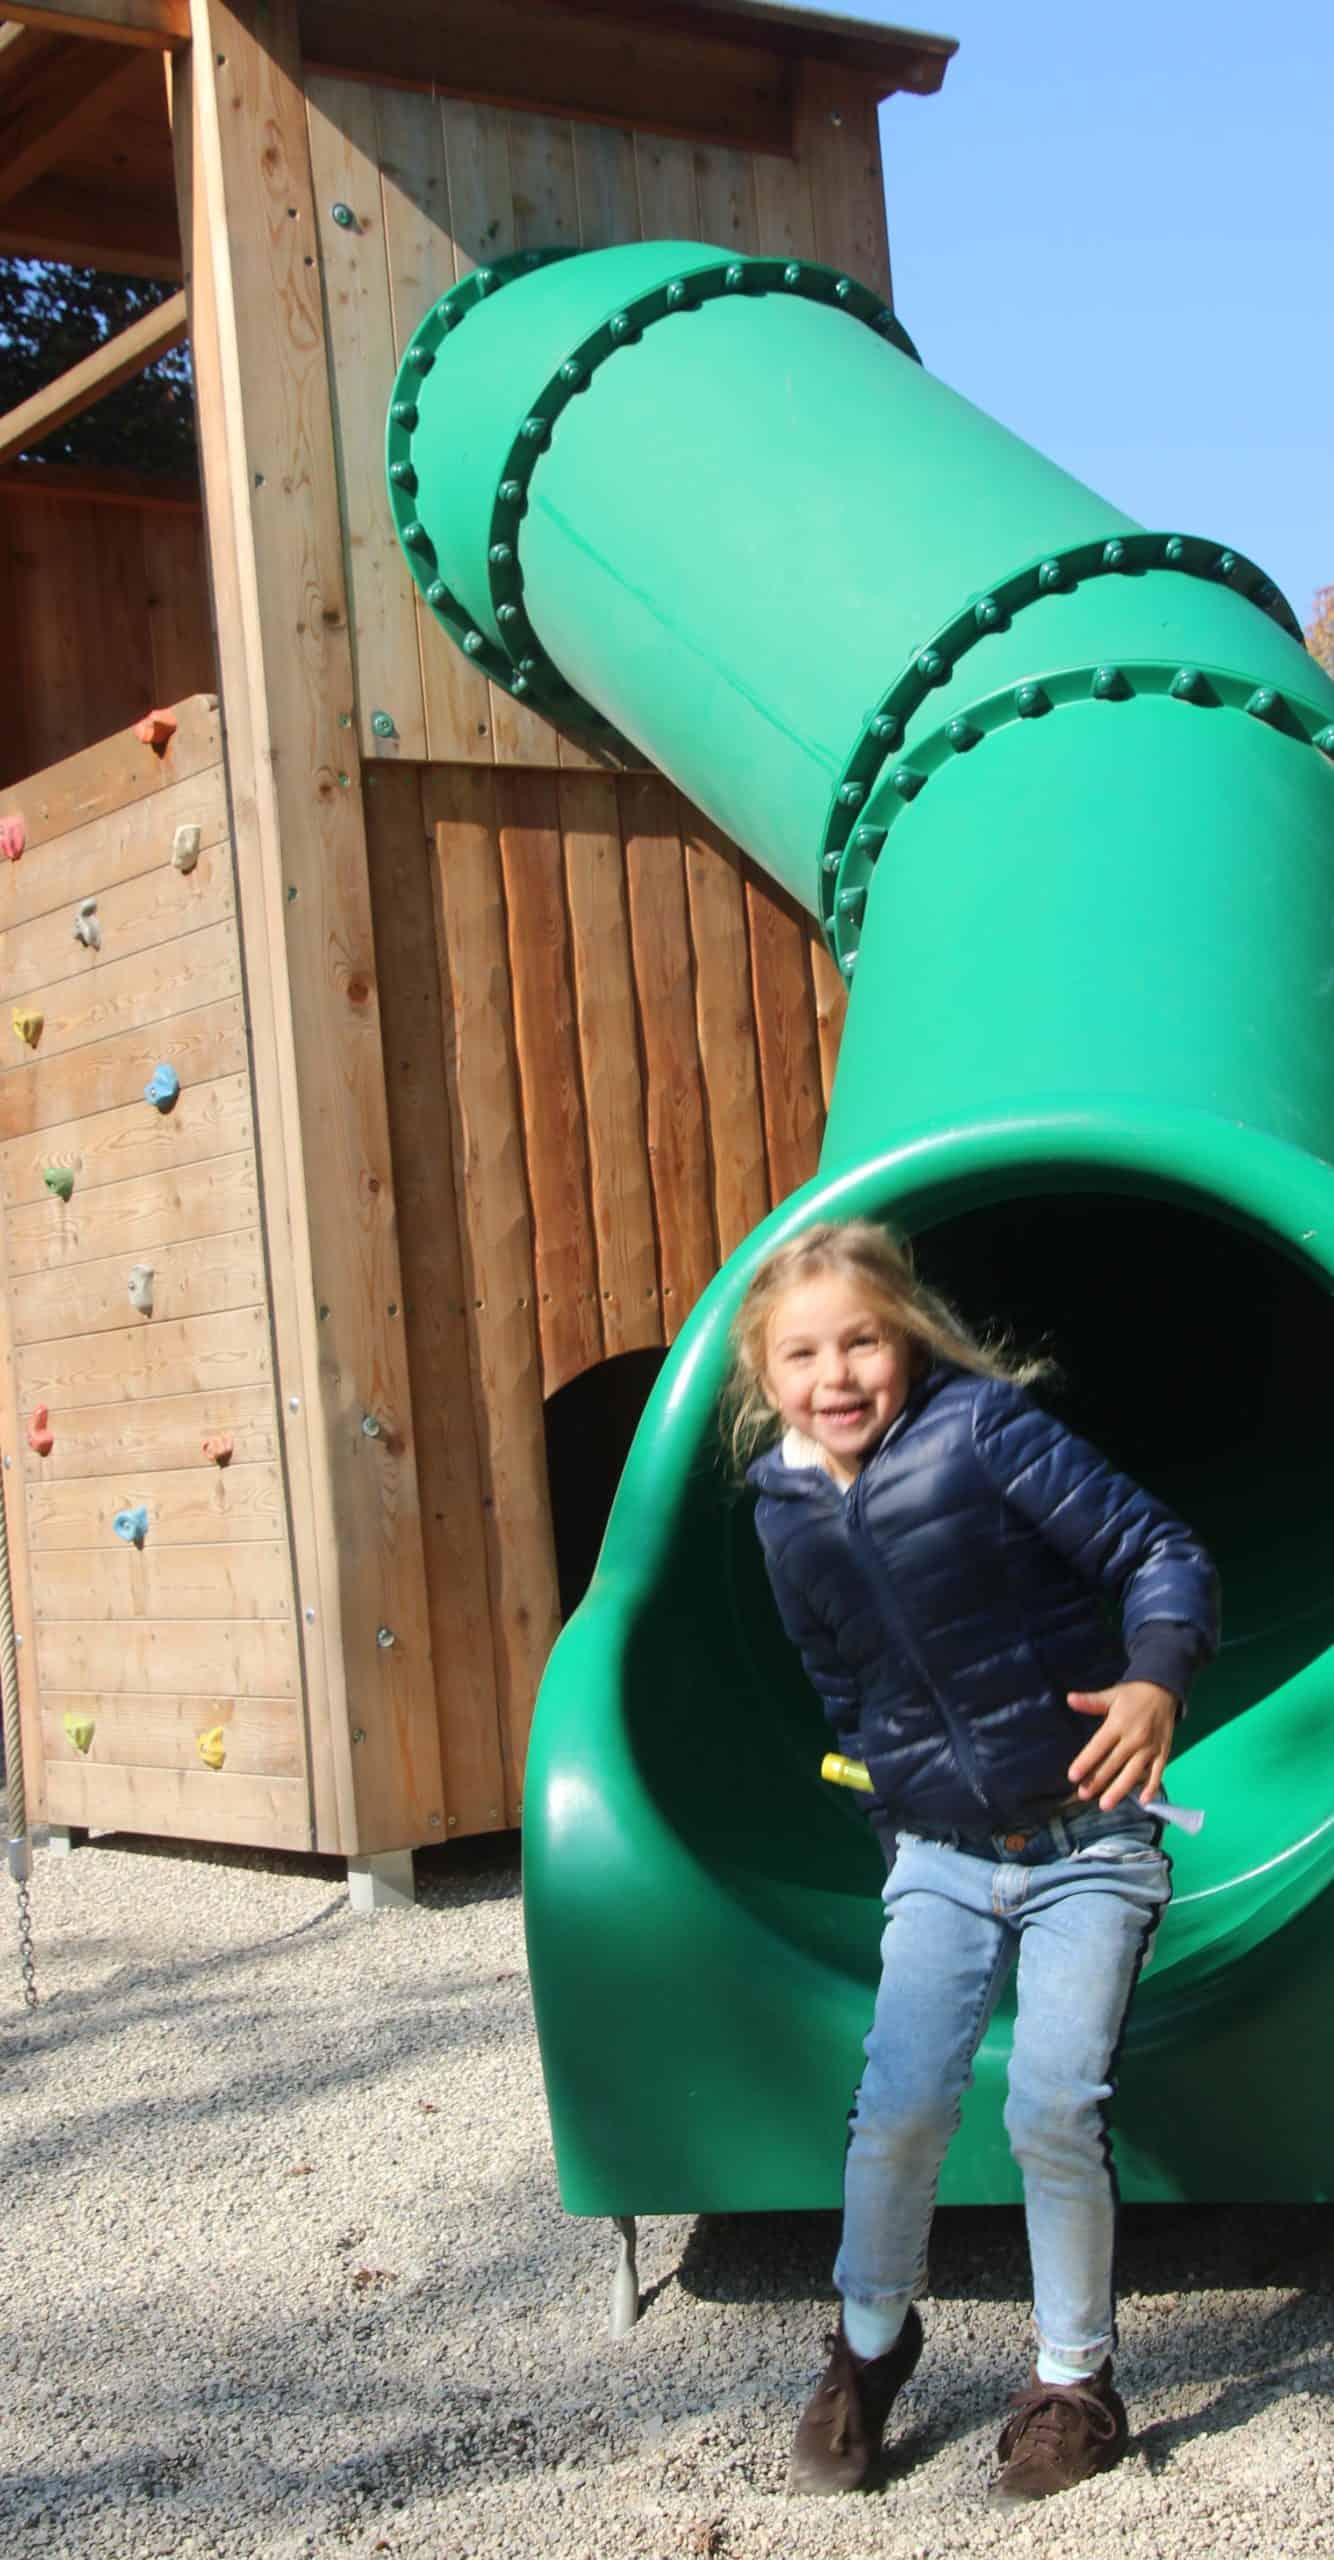 Kind auf Rutsche im Tierpark bei Familienausflug in Kärnten